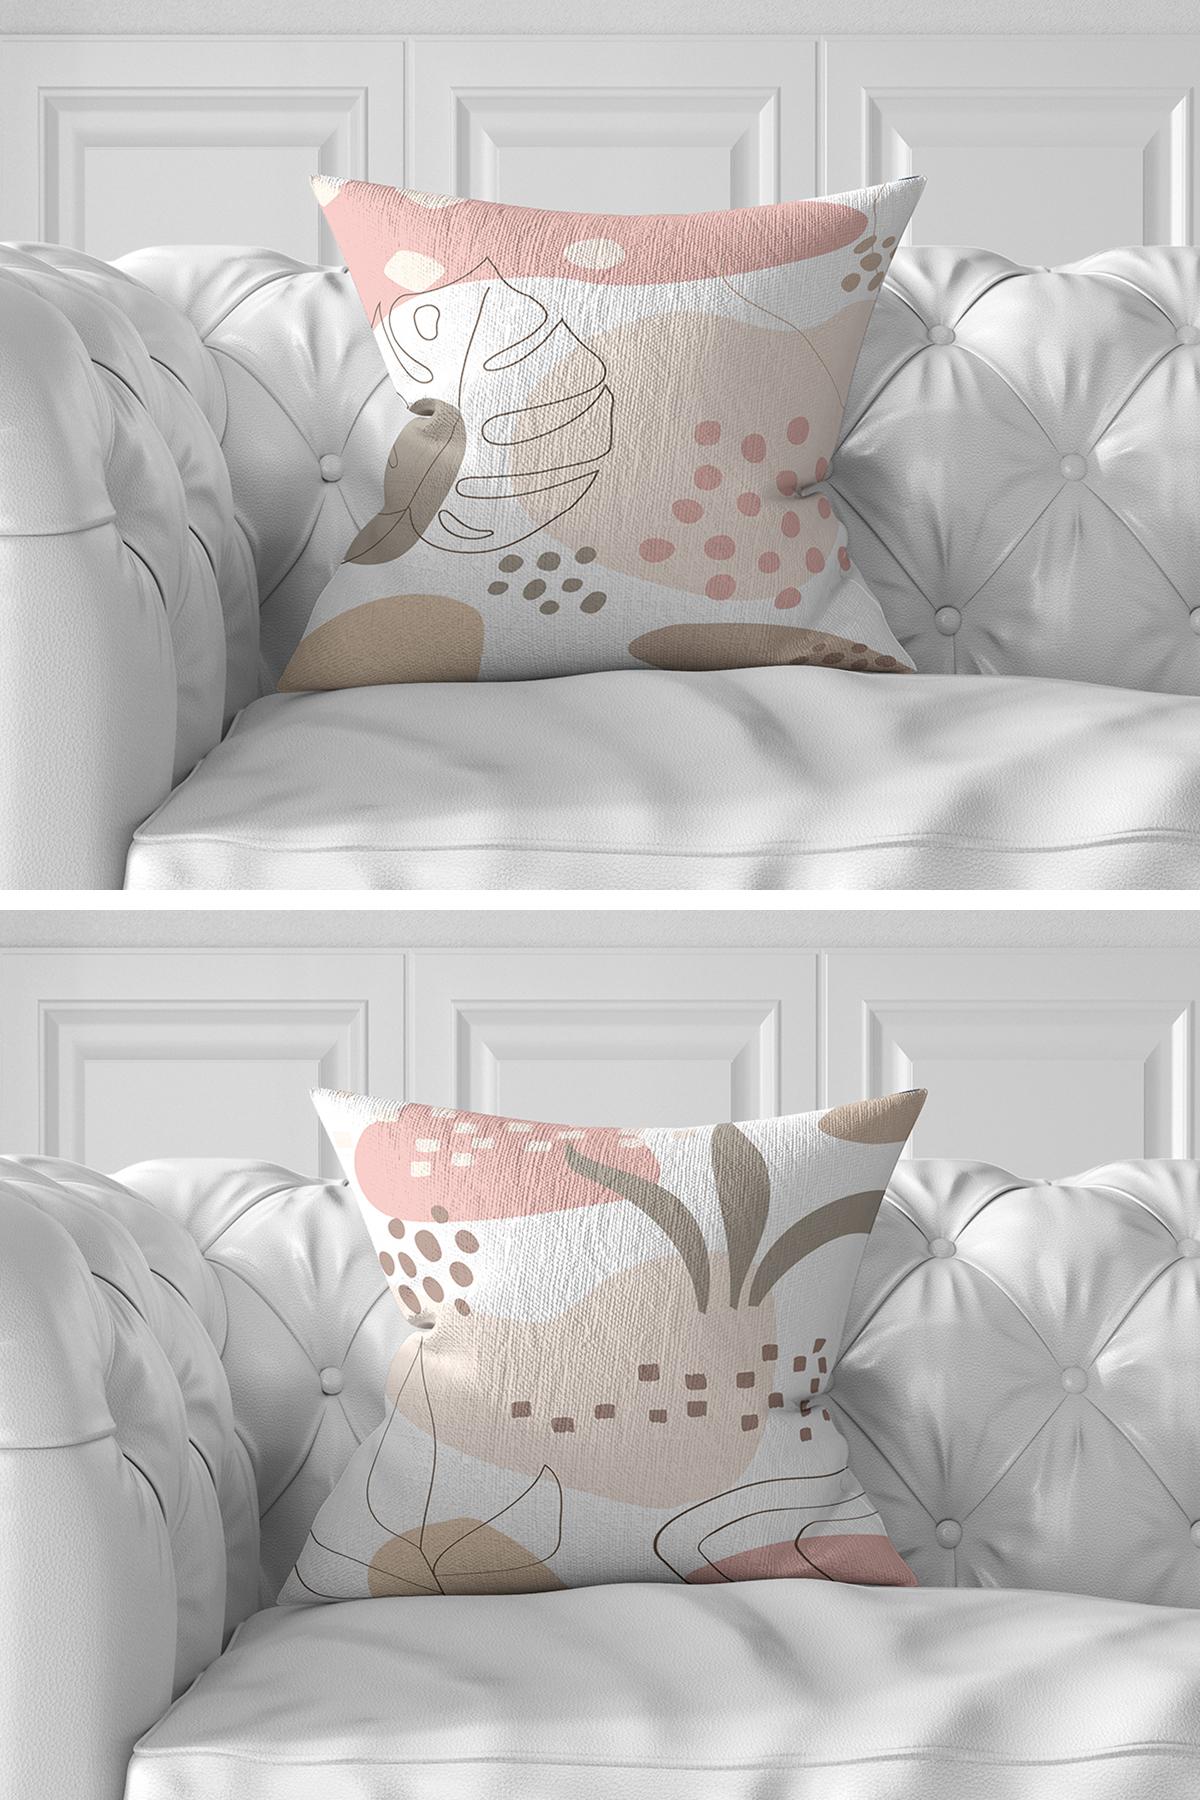 7'li Soft Tropik Yaprak Tasarımlı Dijital Baskılı Kırlent Kılıfı Seti Realhomes